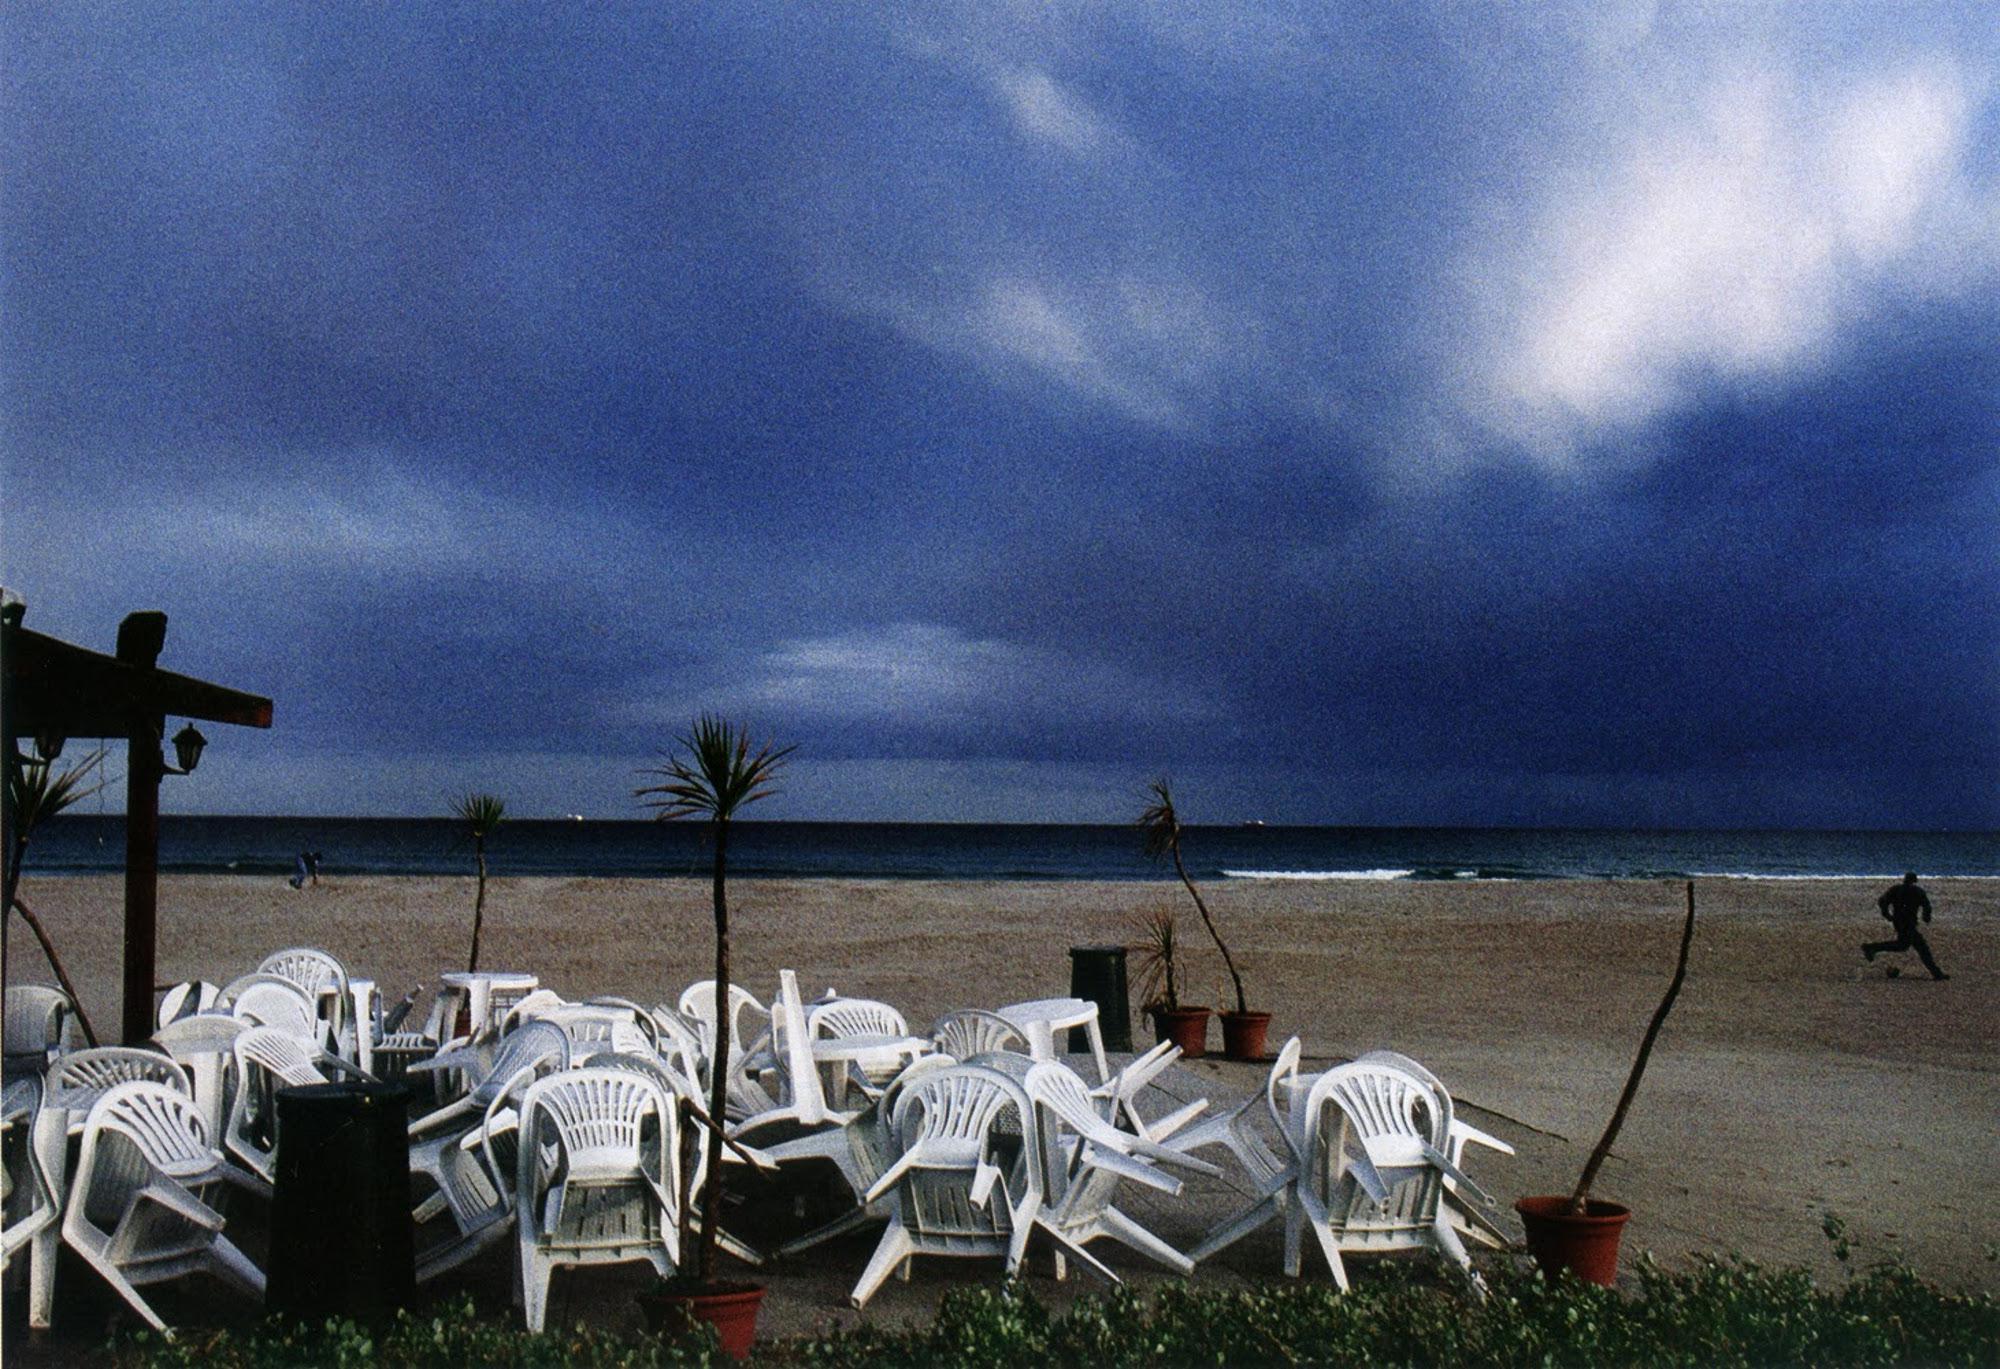 Αποτέλεσμα εικόνας για Εκτακτο δελτίο: Ερχονται μποφόρ, καταιγίδες και χαλάζι